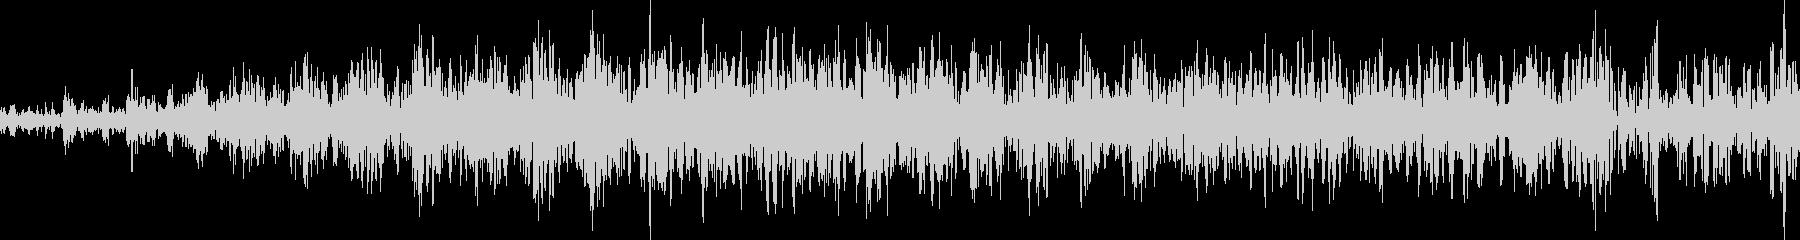 ランダム合成0604 ZGの未再生の波形